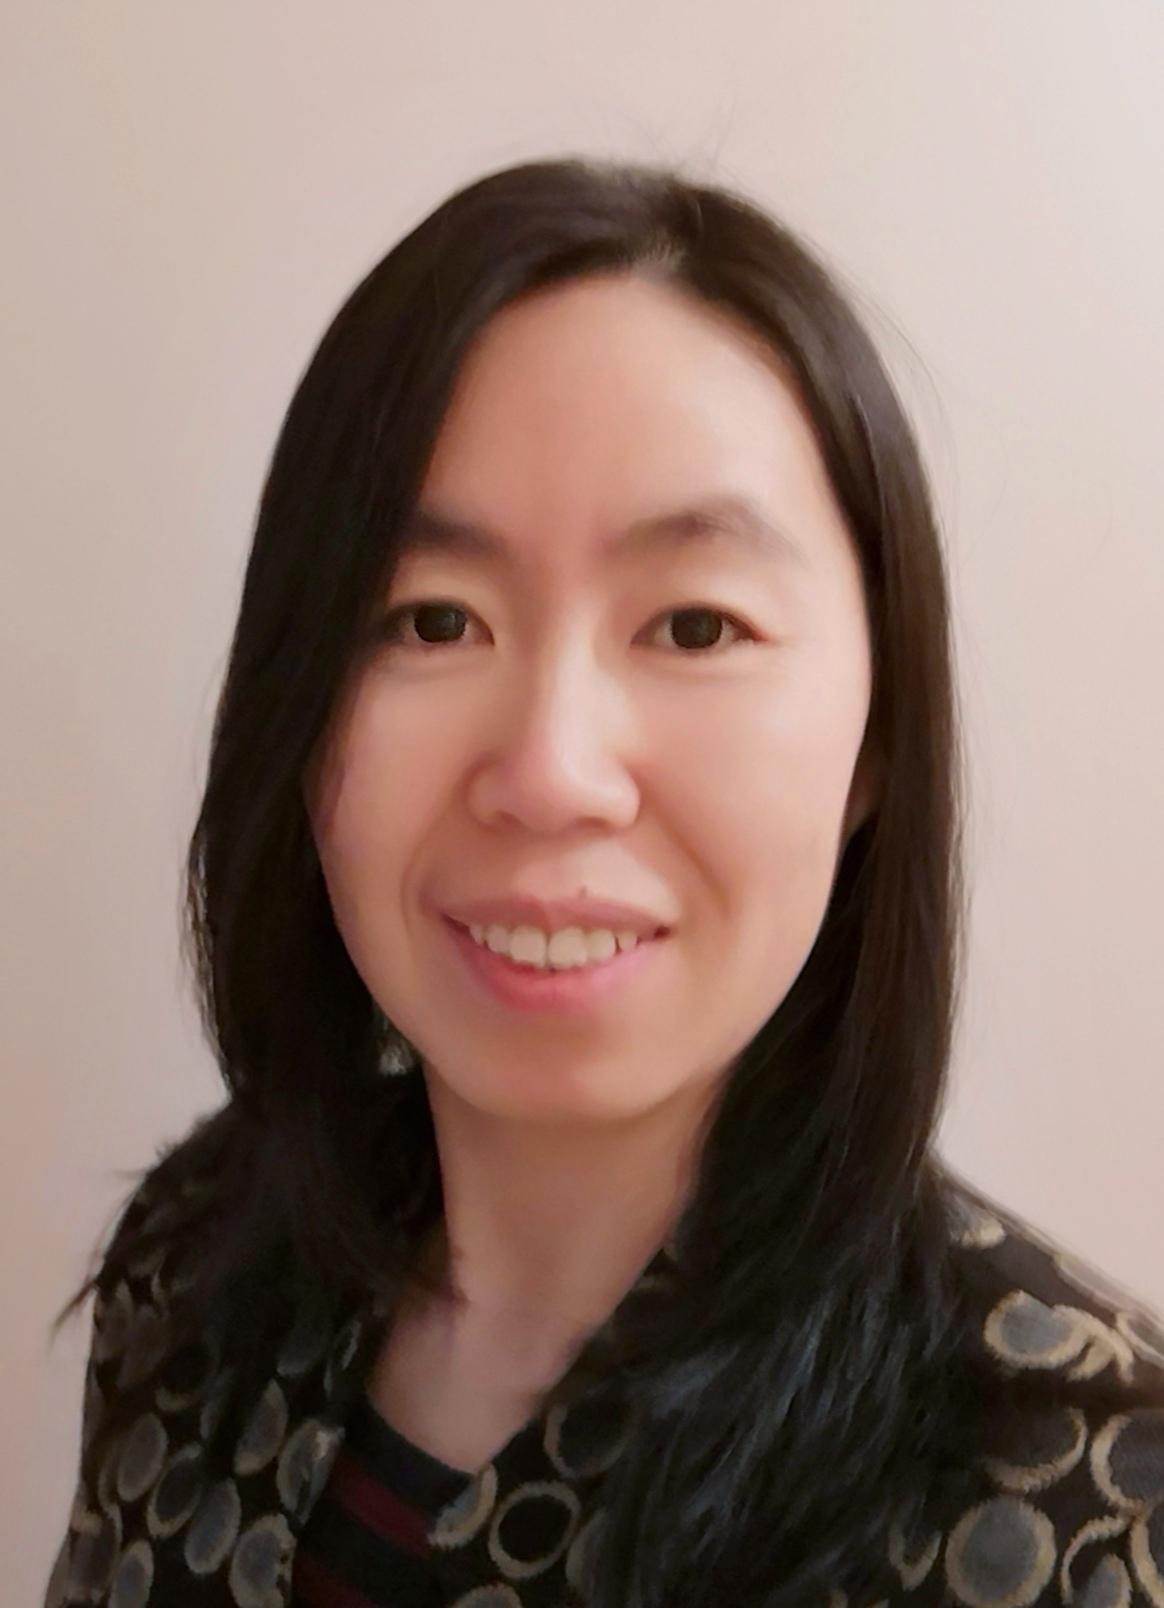 Yiming Qiao